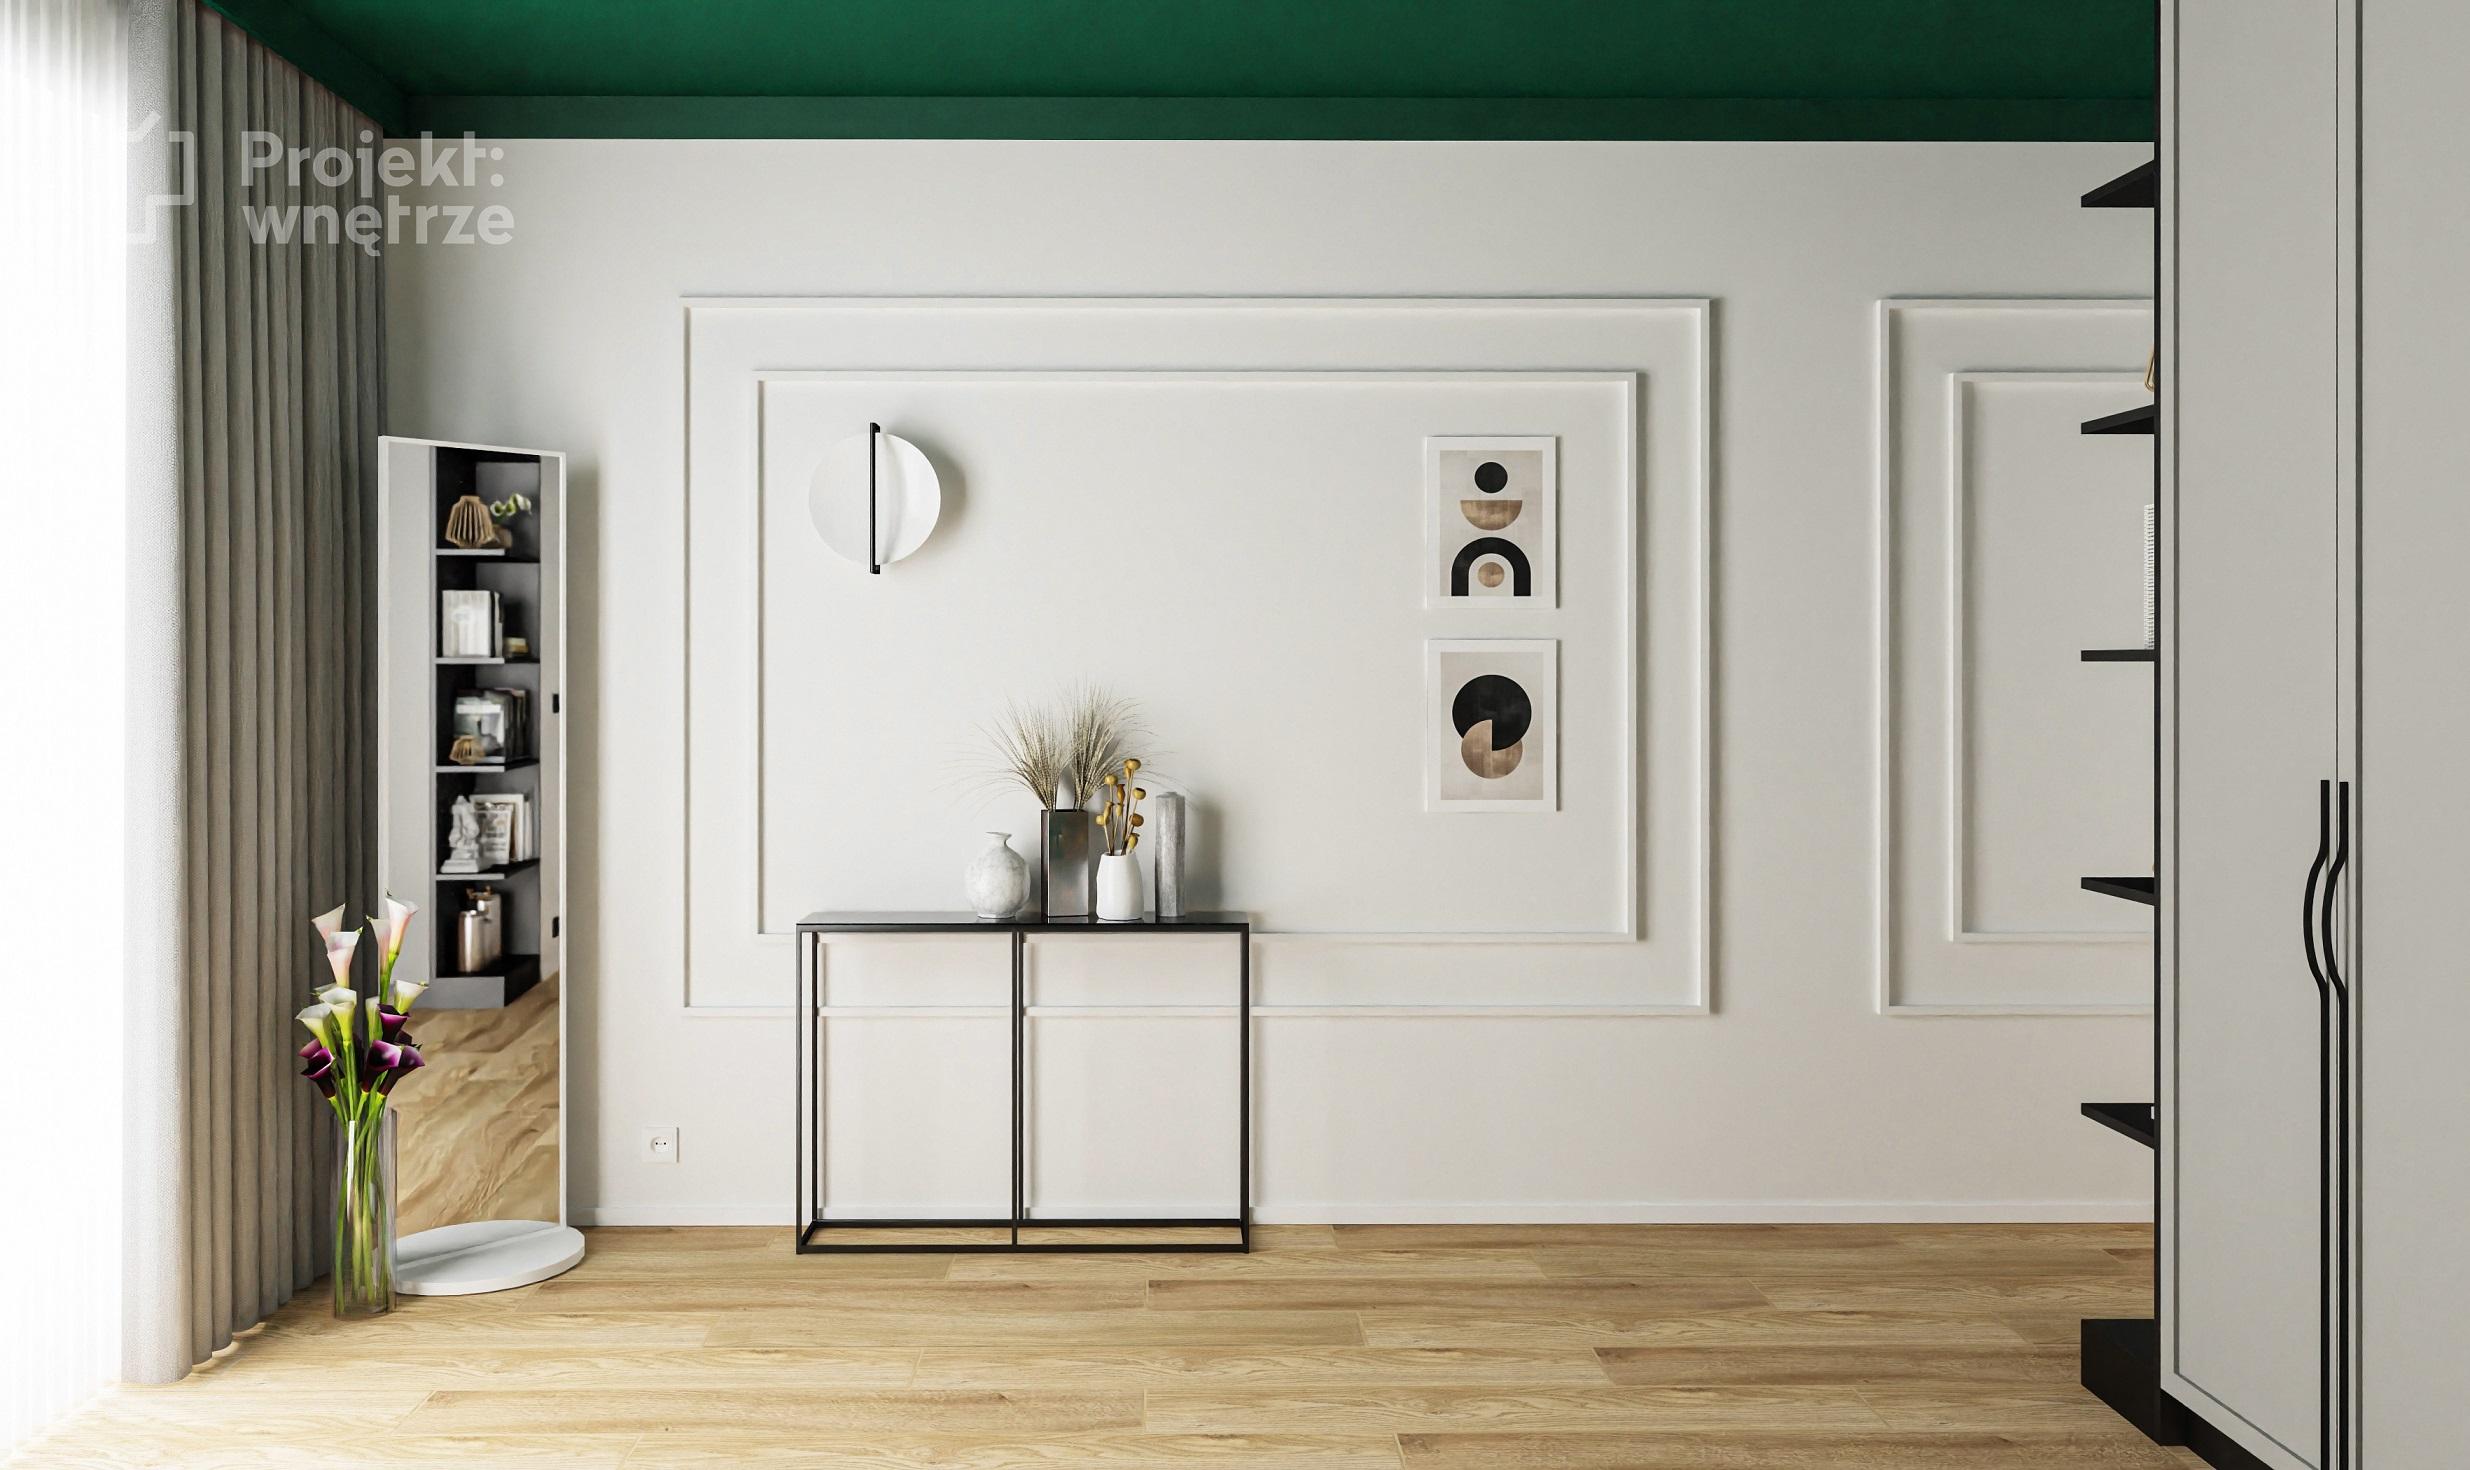 Projekt wnętrze projekt sypialni zieleń szarość drewno czerń tapeta sztukateria toaletka Ikea Zfabryki - projektowanie wnętrz online Warszawa (4)